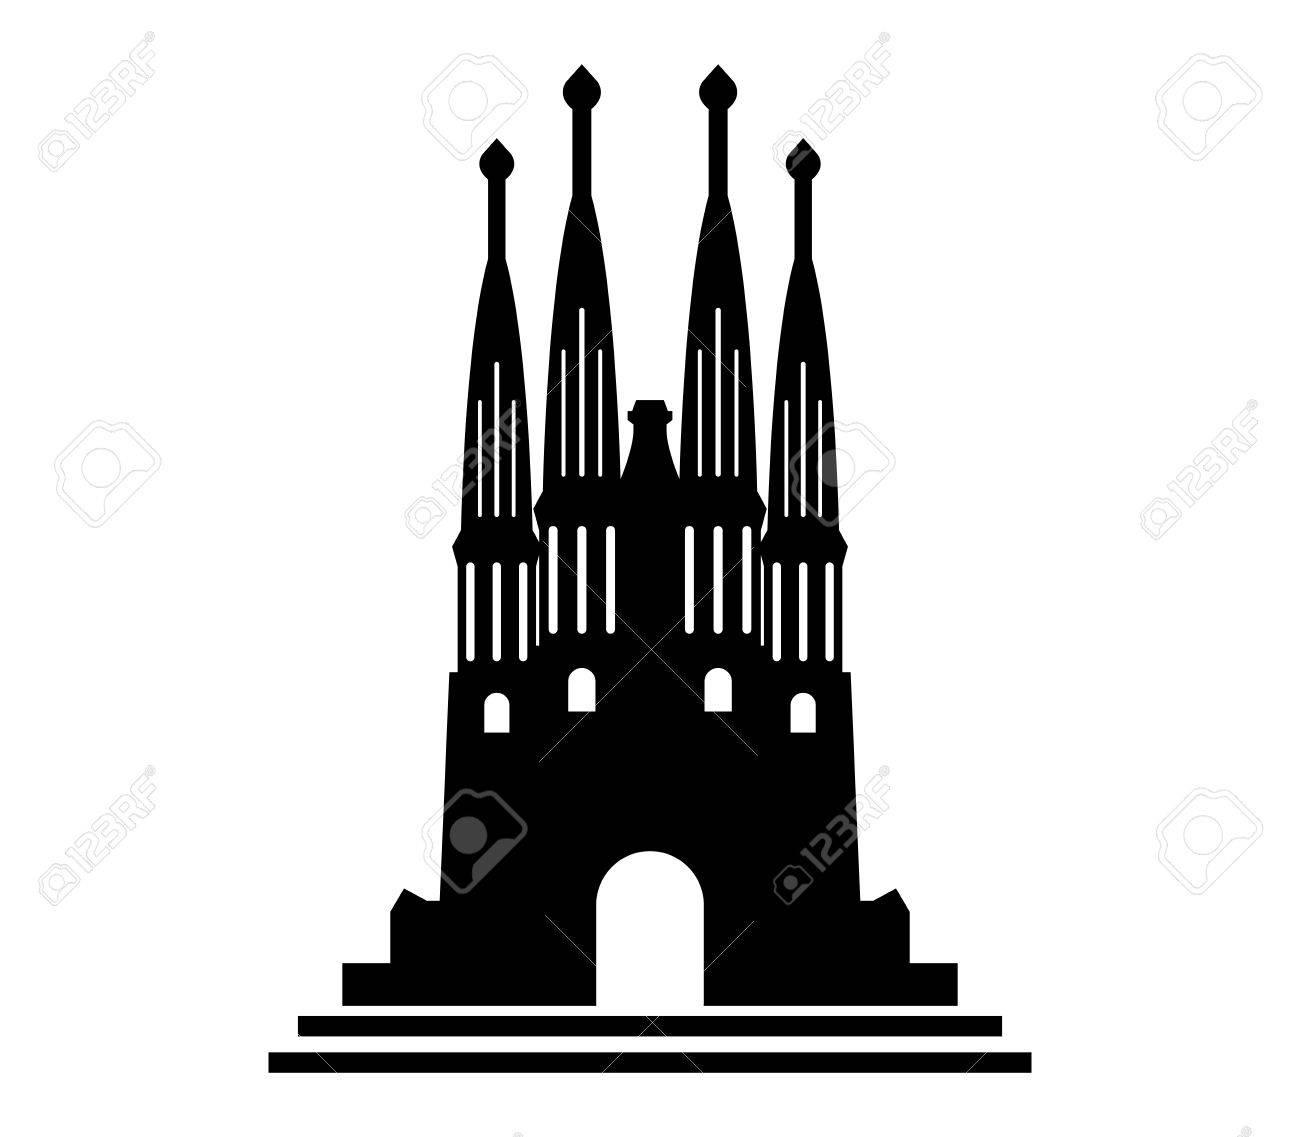 アイコン サグラダ ファミリアのイラスト素材 ベクタ Image